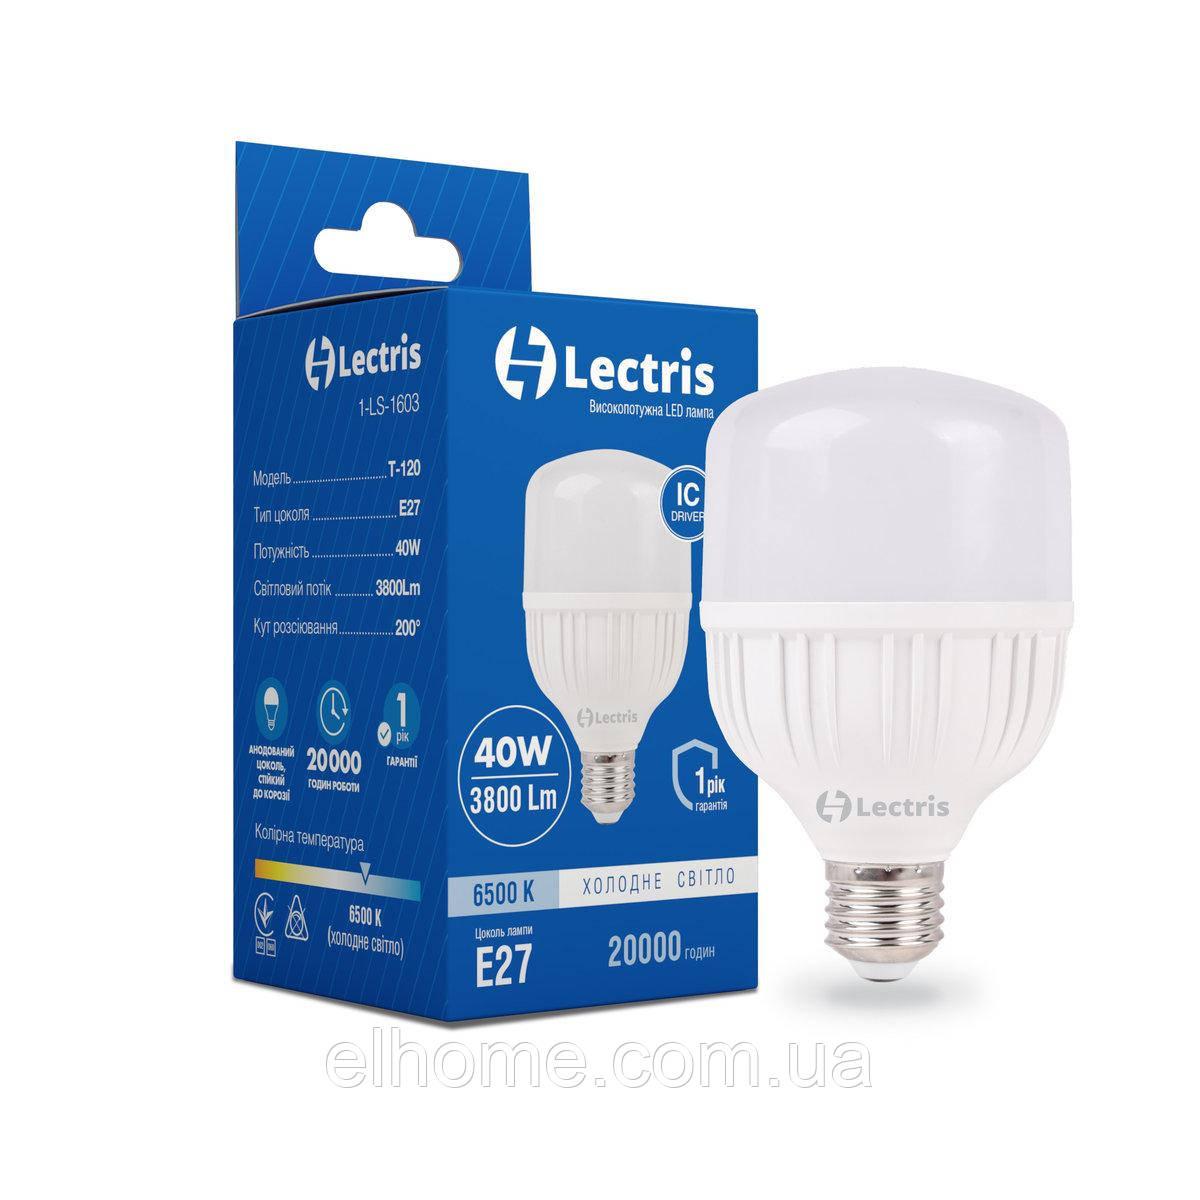 Лампа LED Lectris T120 40W 6500K 220V E27